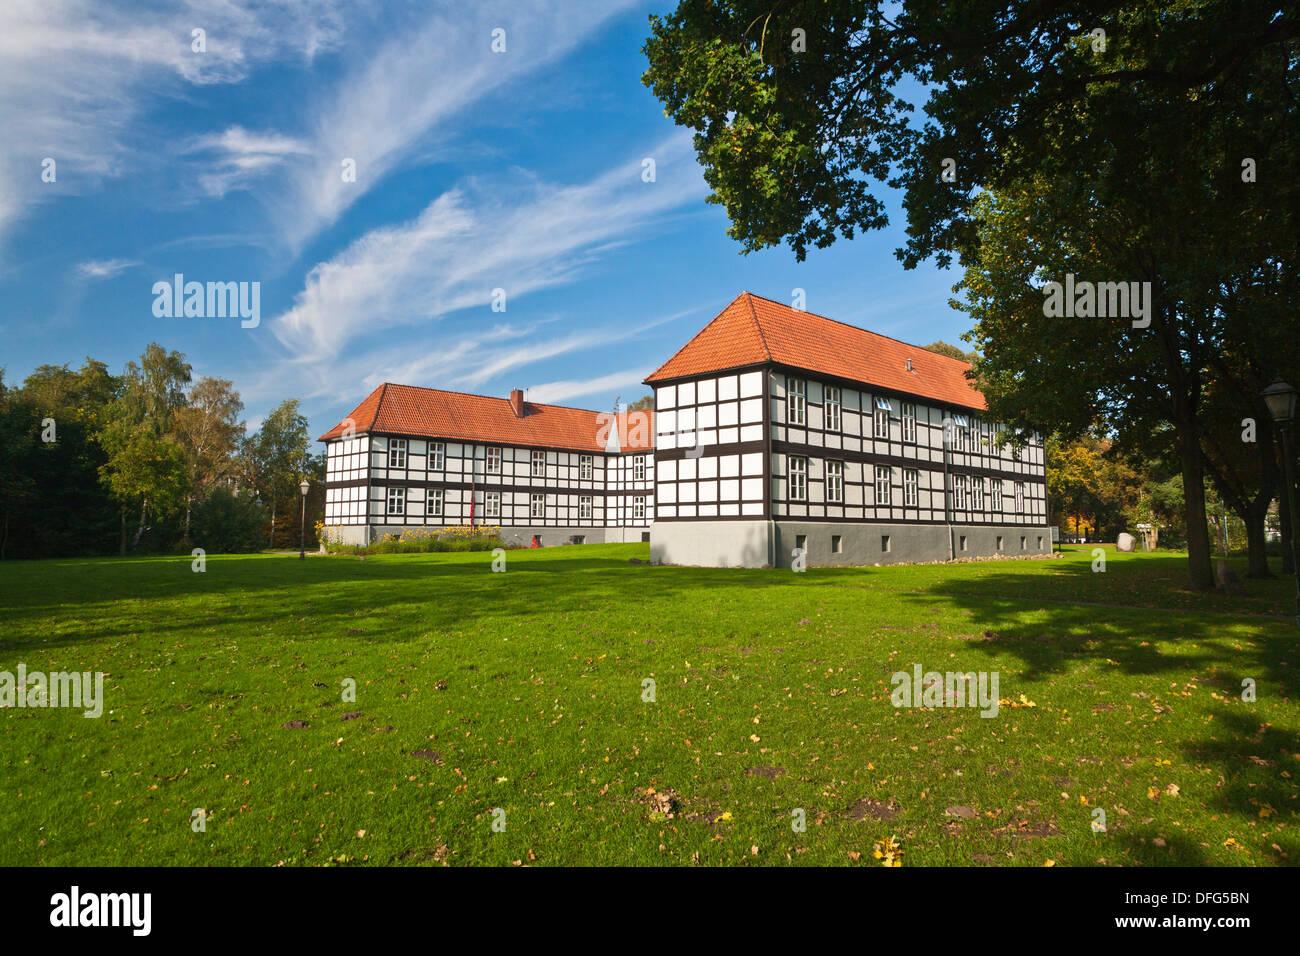 L'administration de comté immeuble de bureaux à Harpstedt, Basse-Saxe, Allemagne, Europe Banque D'Images